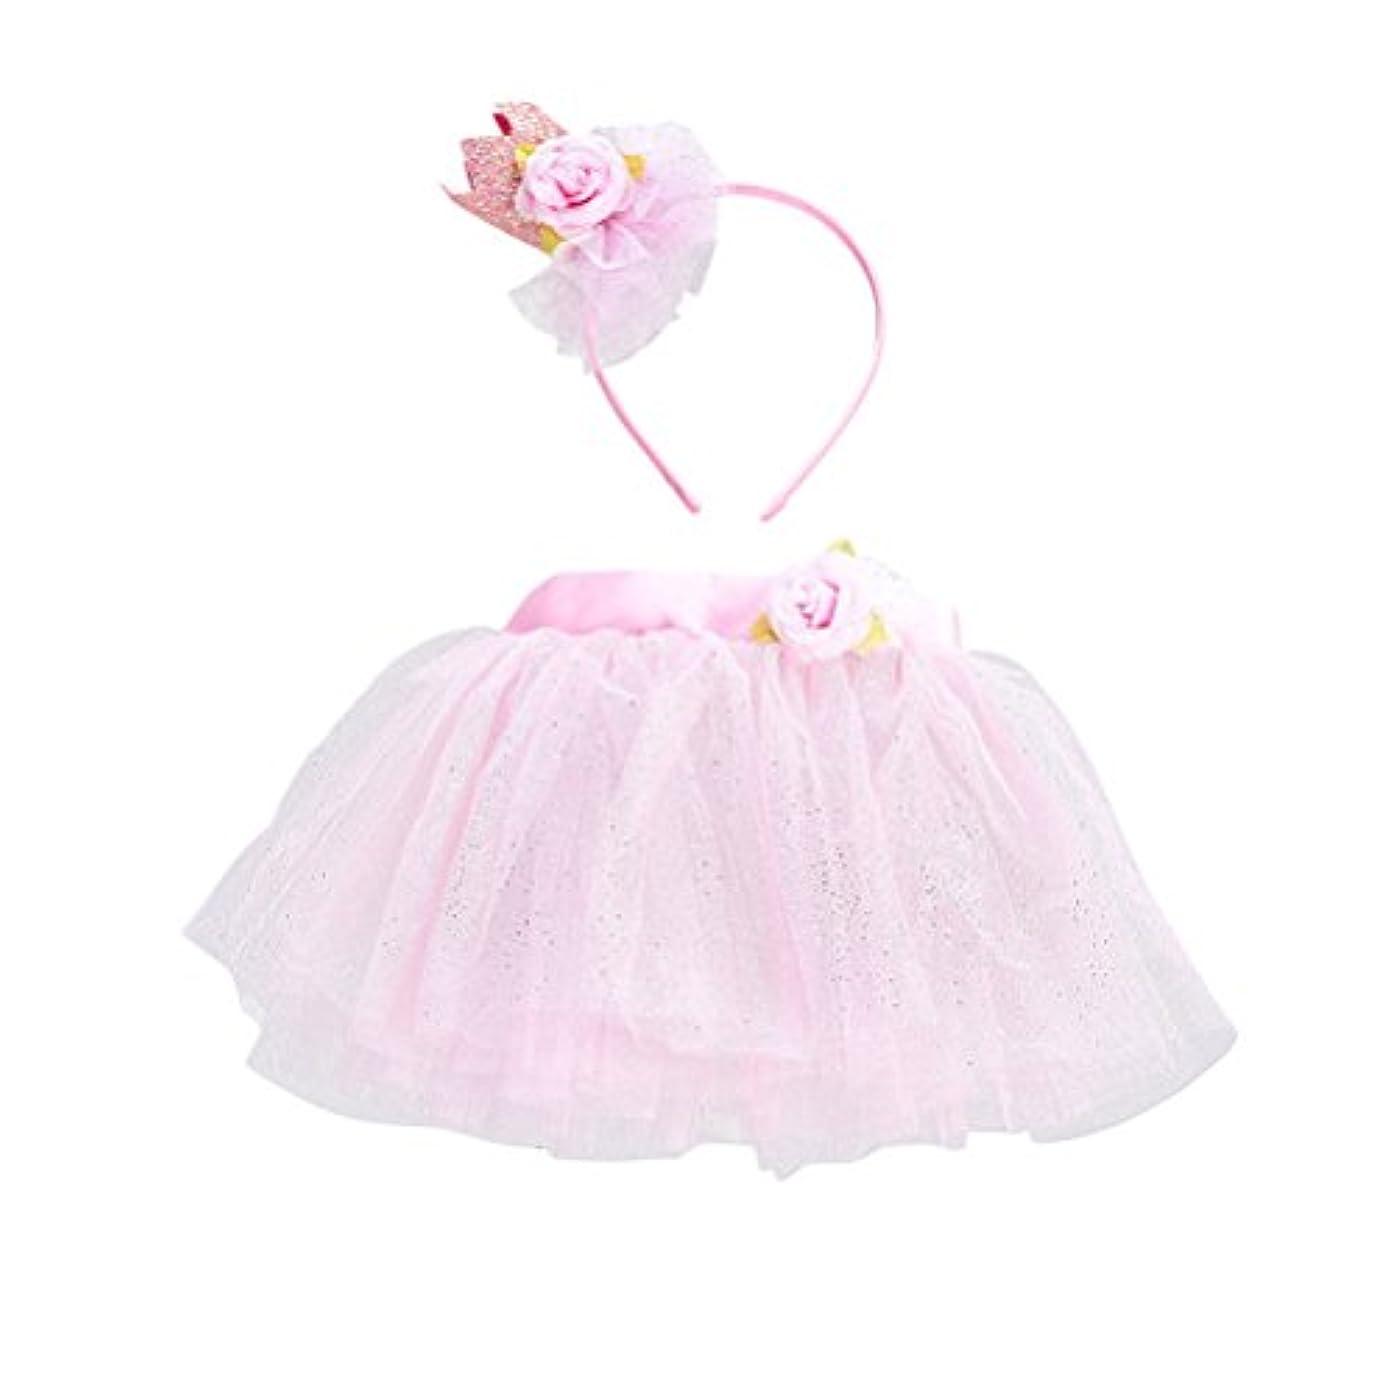 摂動ハイランド列車LUOEM 女の子TutuスカートセットヘッドバンドプリンセスガールTutu服装Baby Girls Birthday Outfit Set(ピンク)